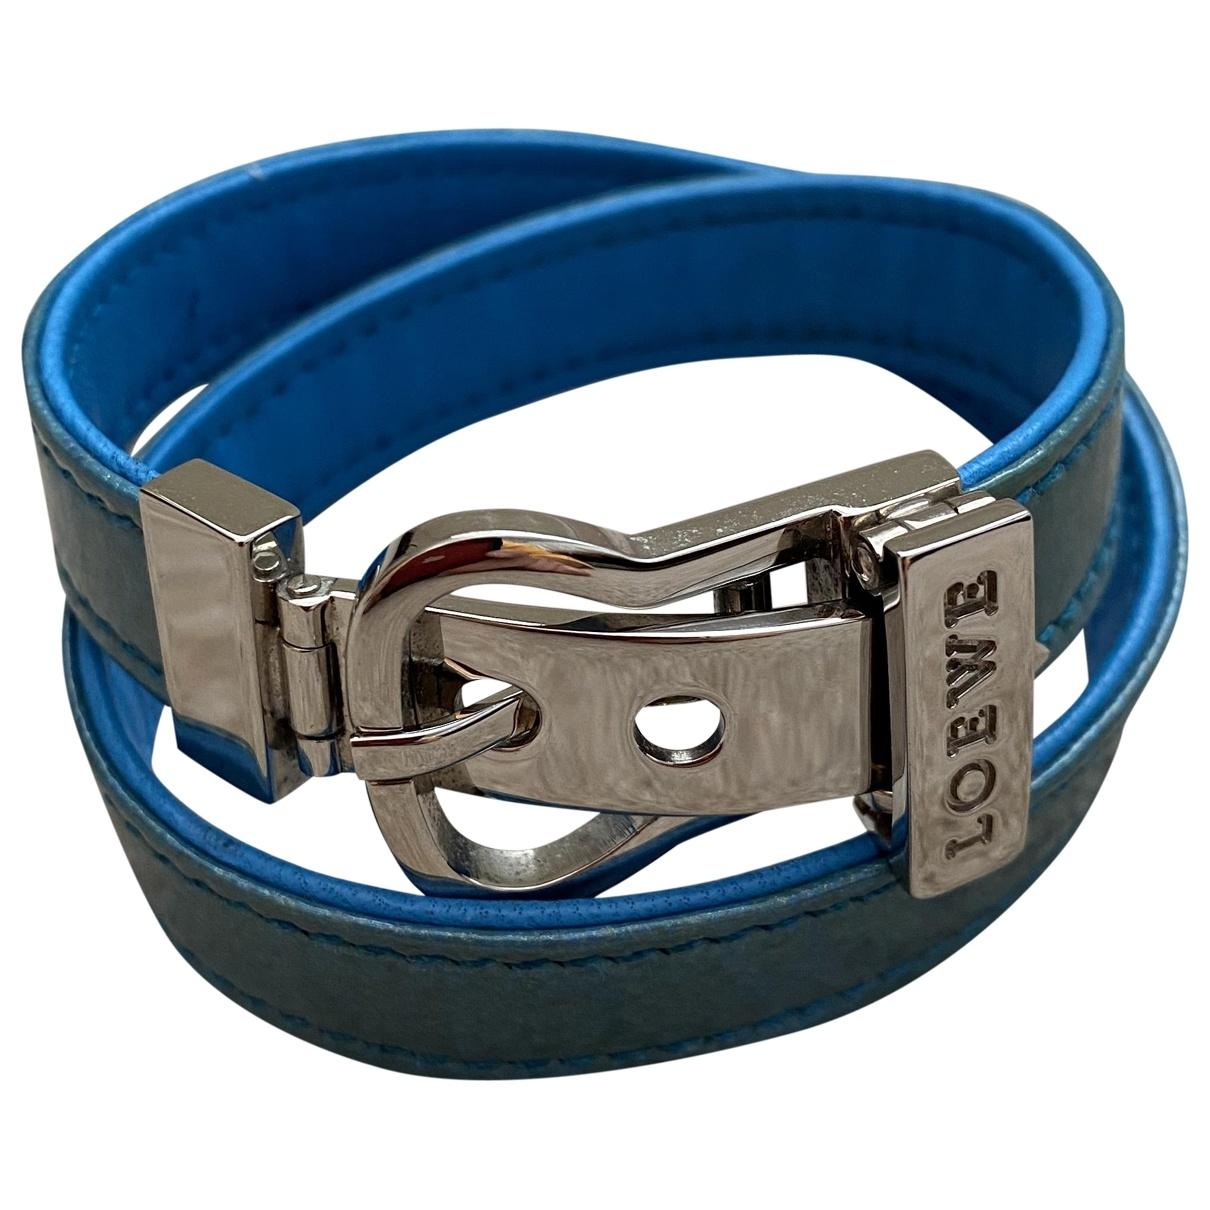 Loewe - Bracelet   pour femme en cuir verni - bleu